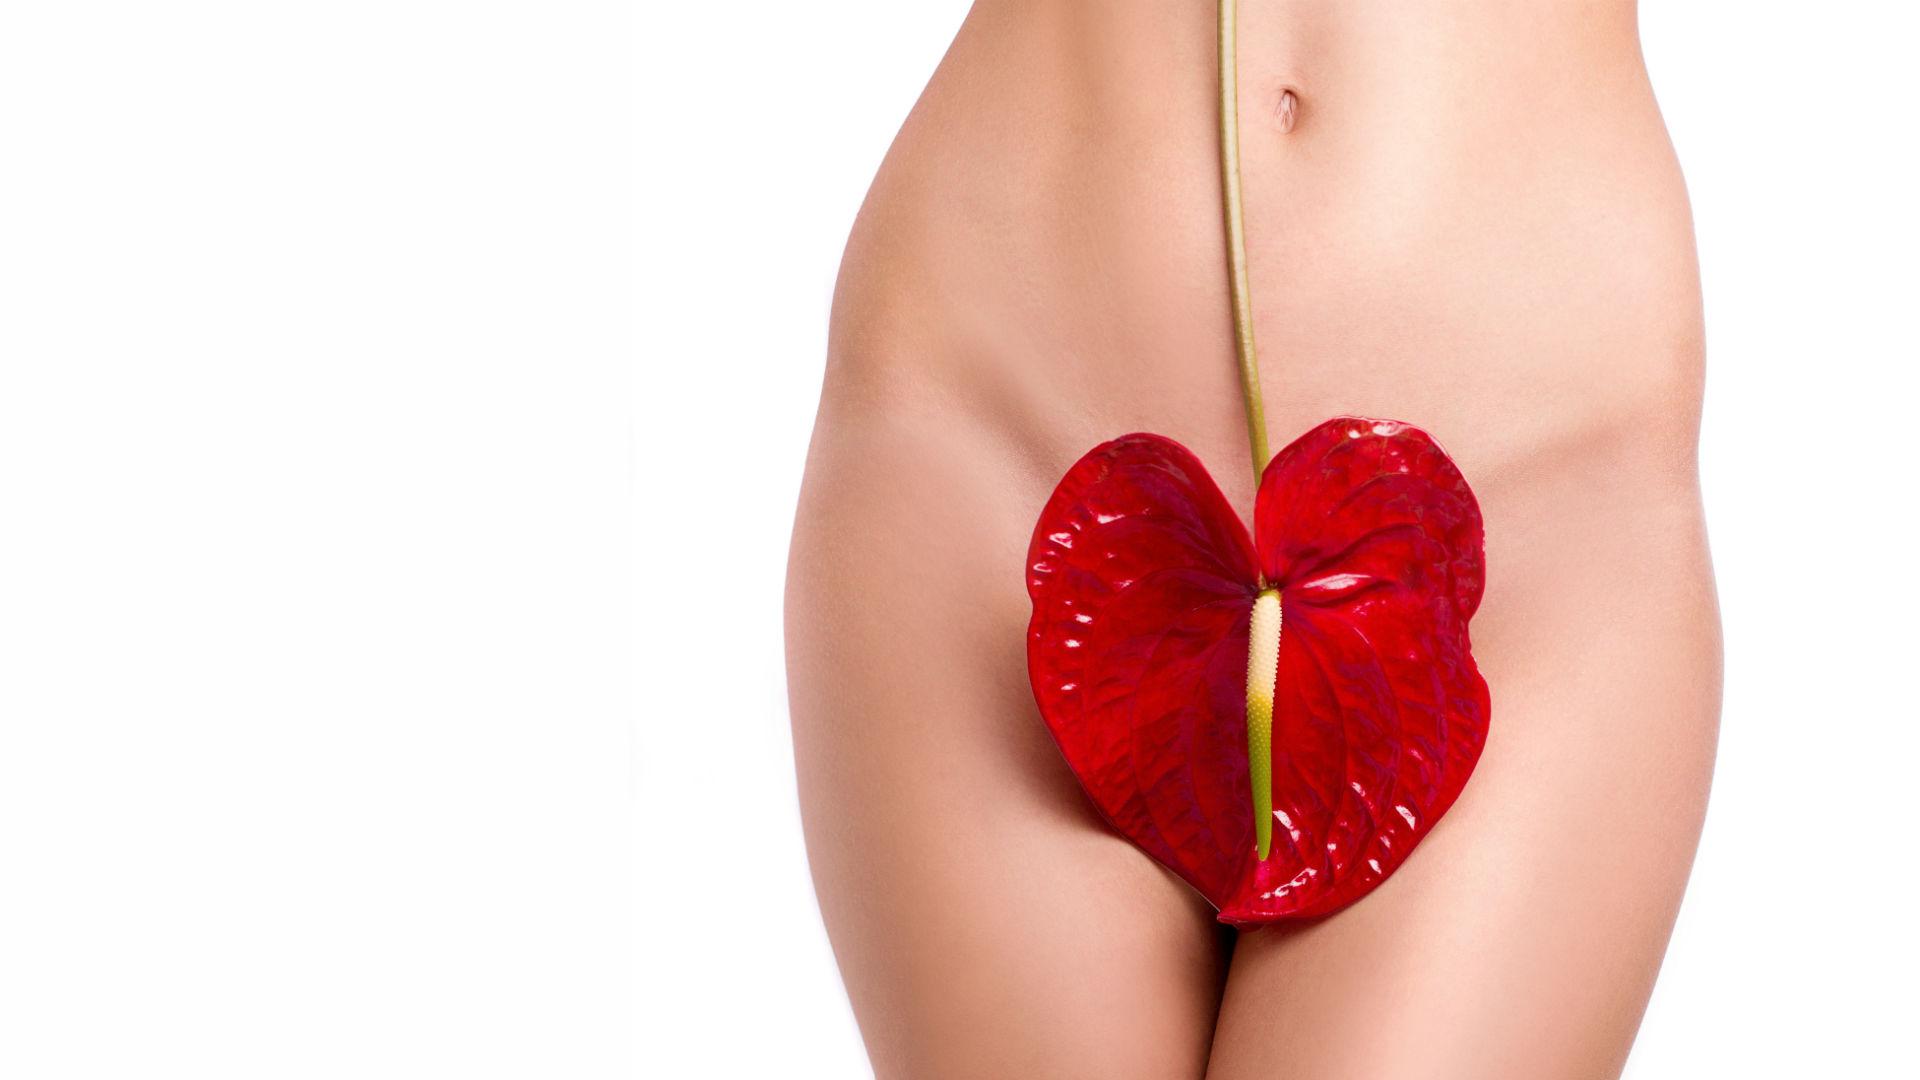 Фото вагины жён, Разные домашние фото вагин - секс порно фото 1 фотография